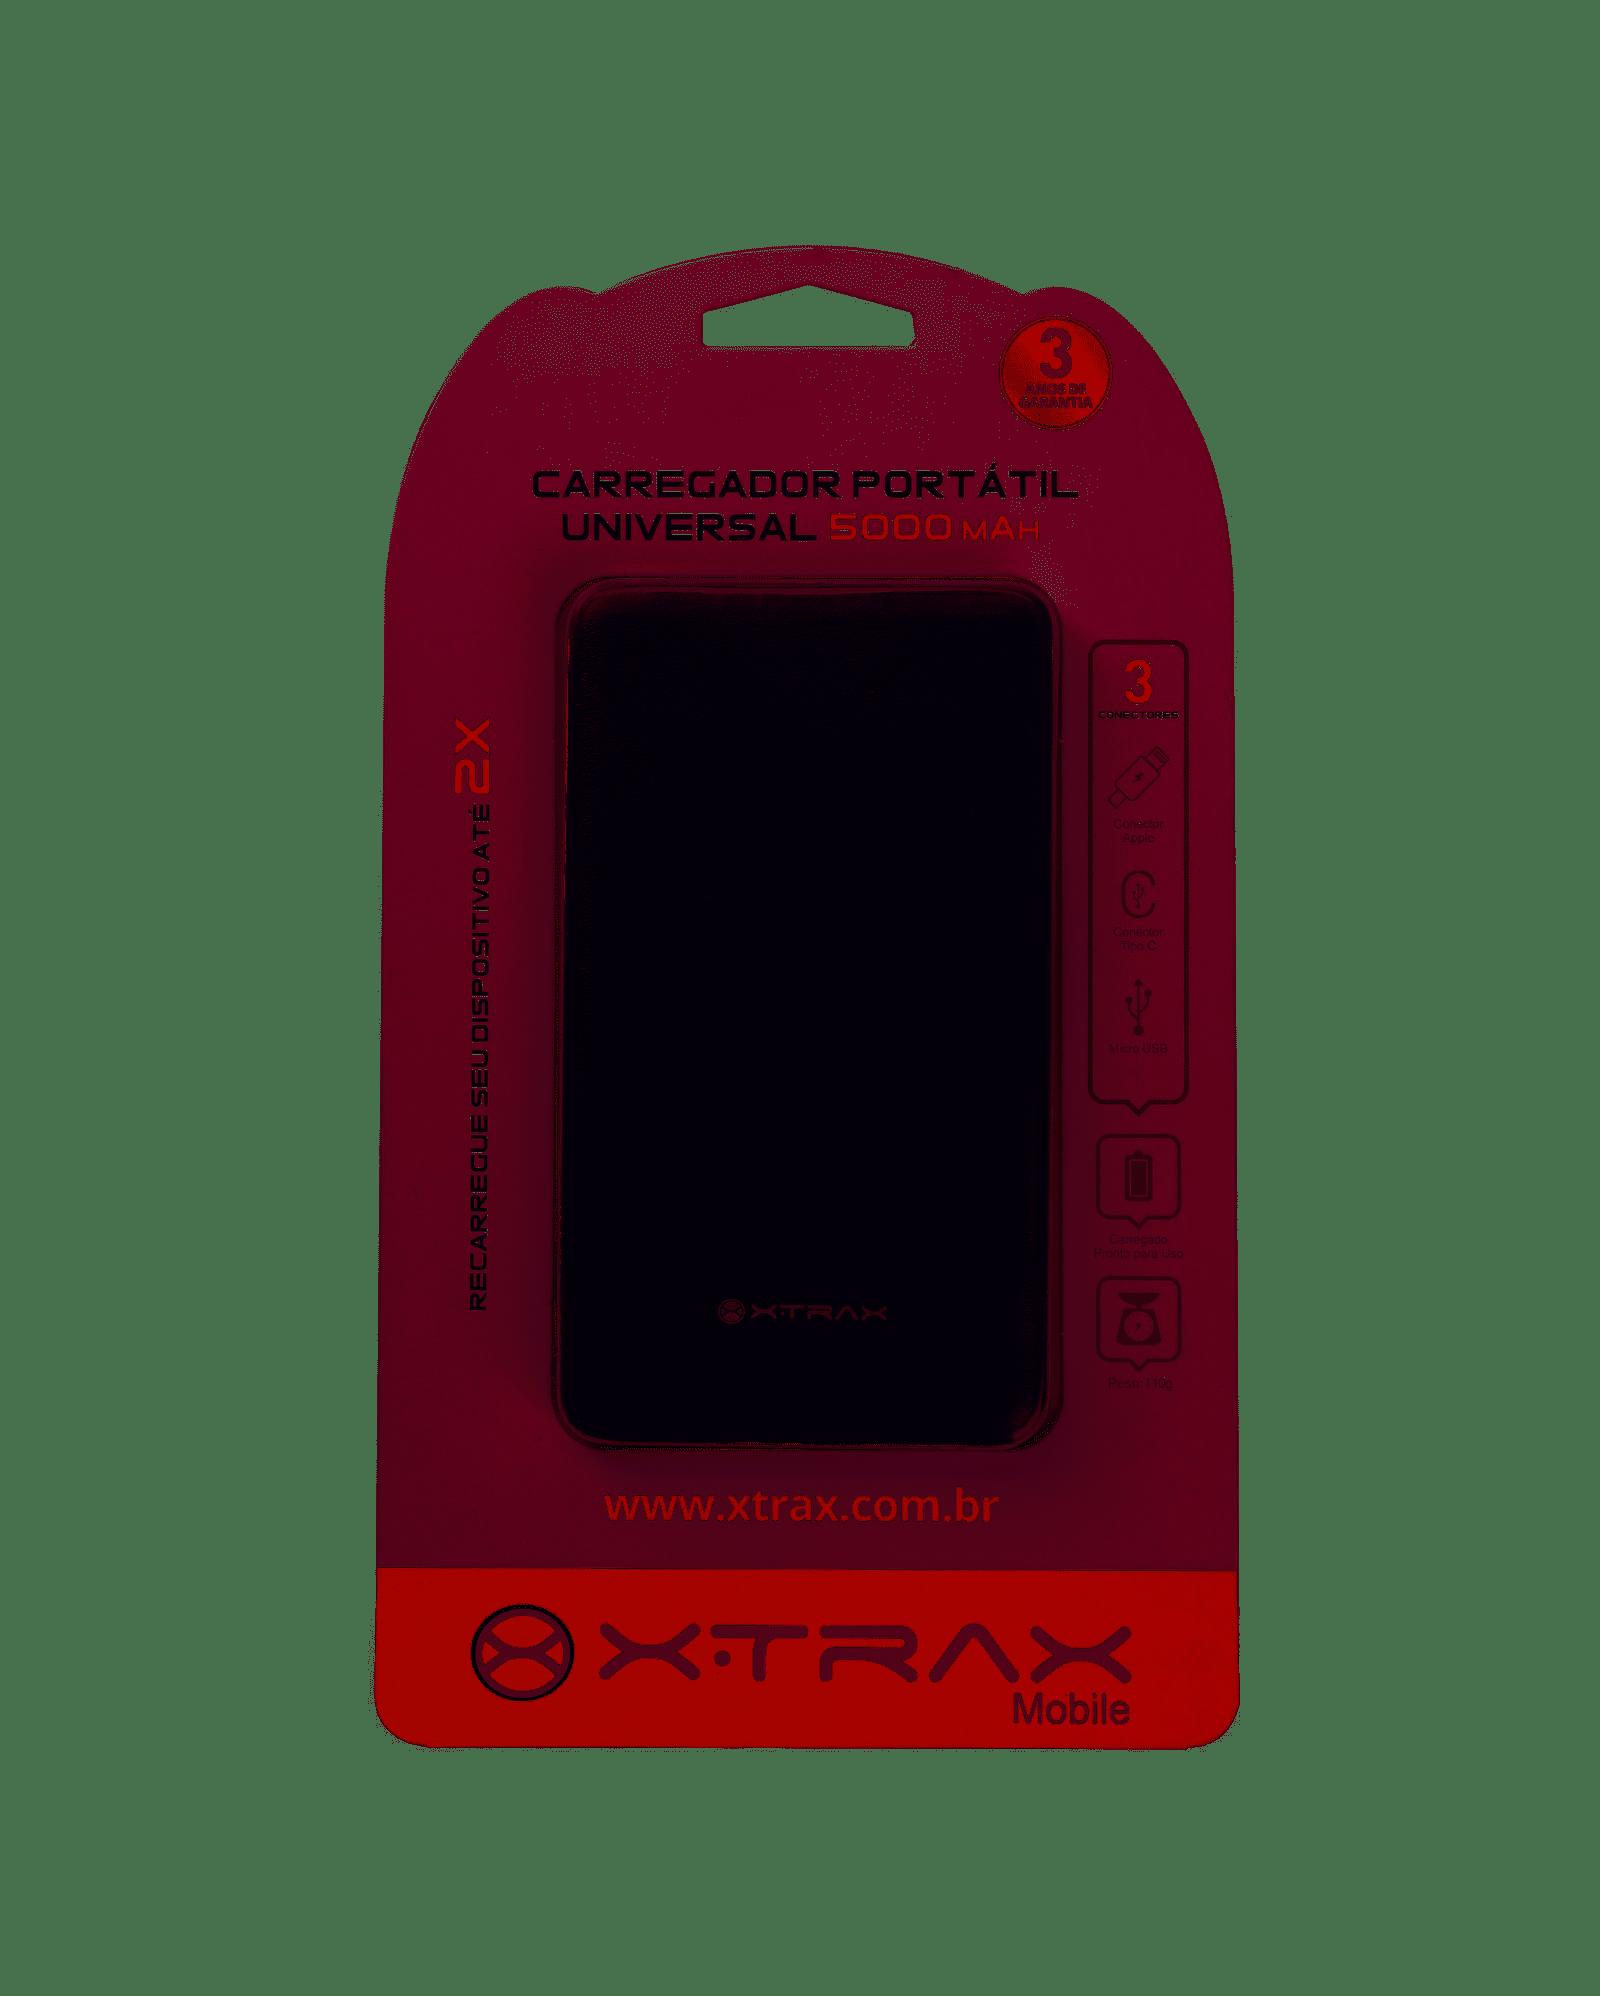 Carregador Portátil Universal Xtrax 5000 Mah Preto